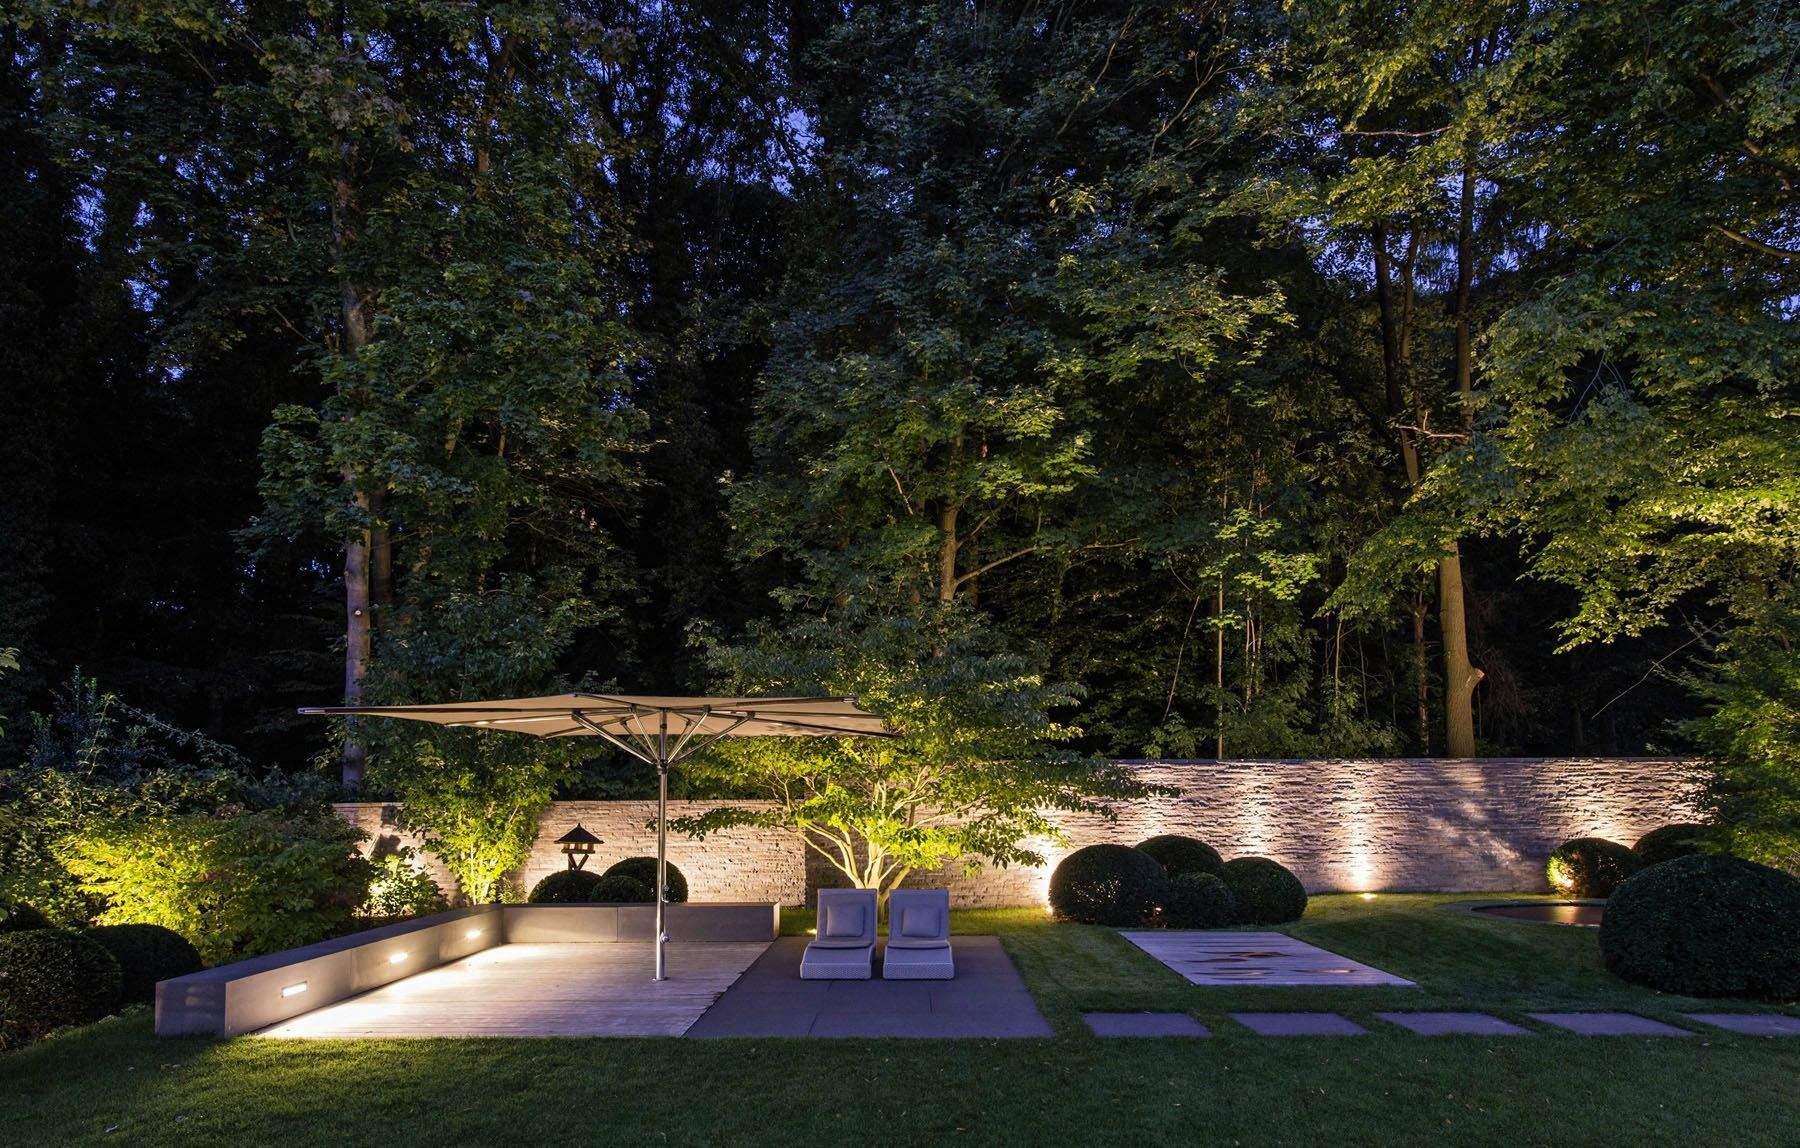 Beleuchtung Garten Genial 29 Das Beste Von Licht Garten Schön